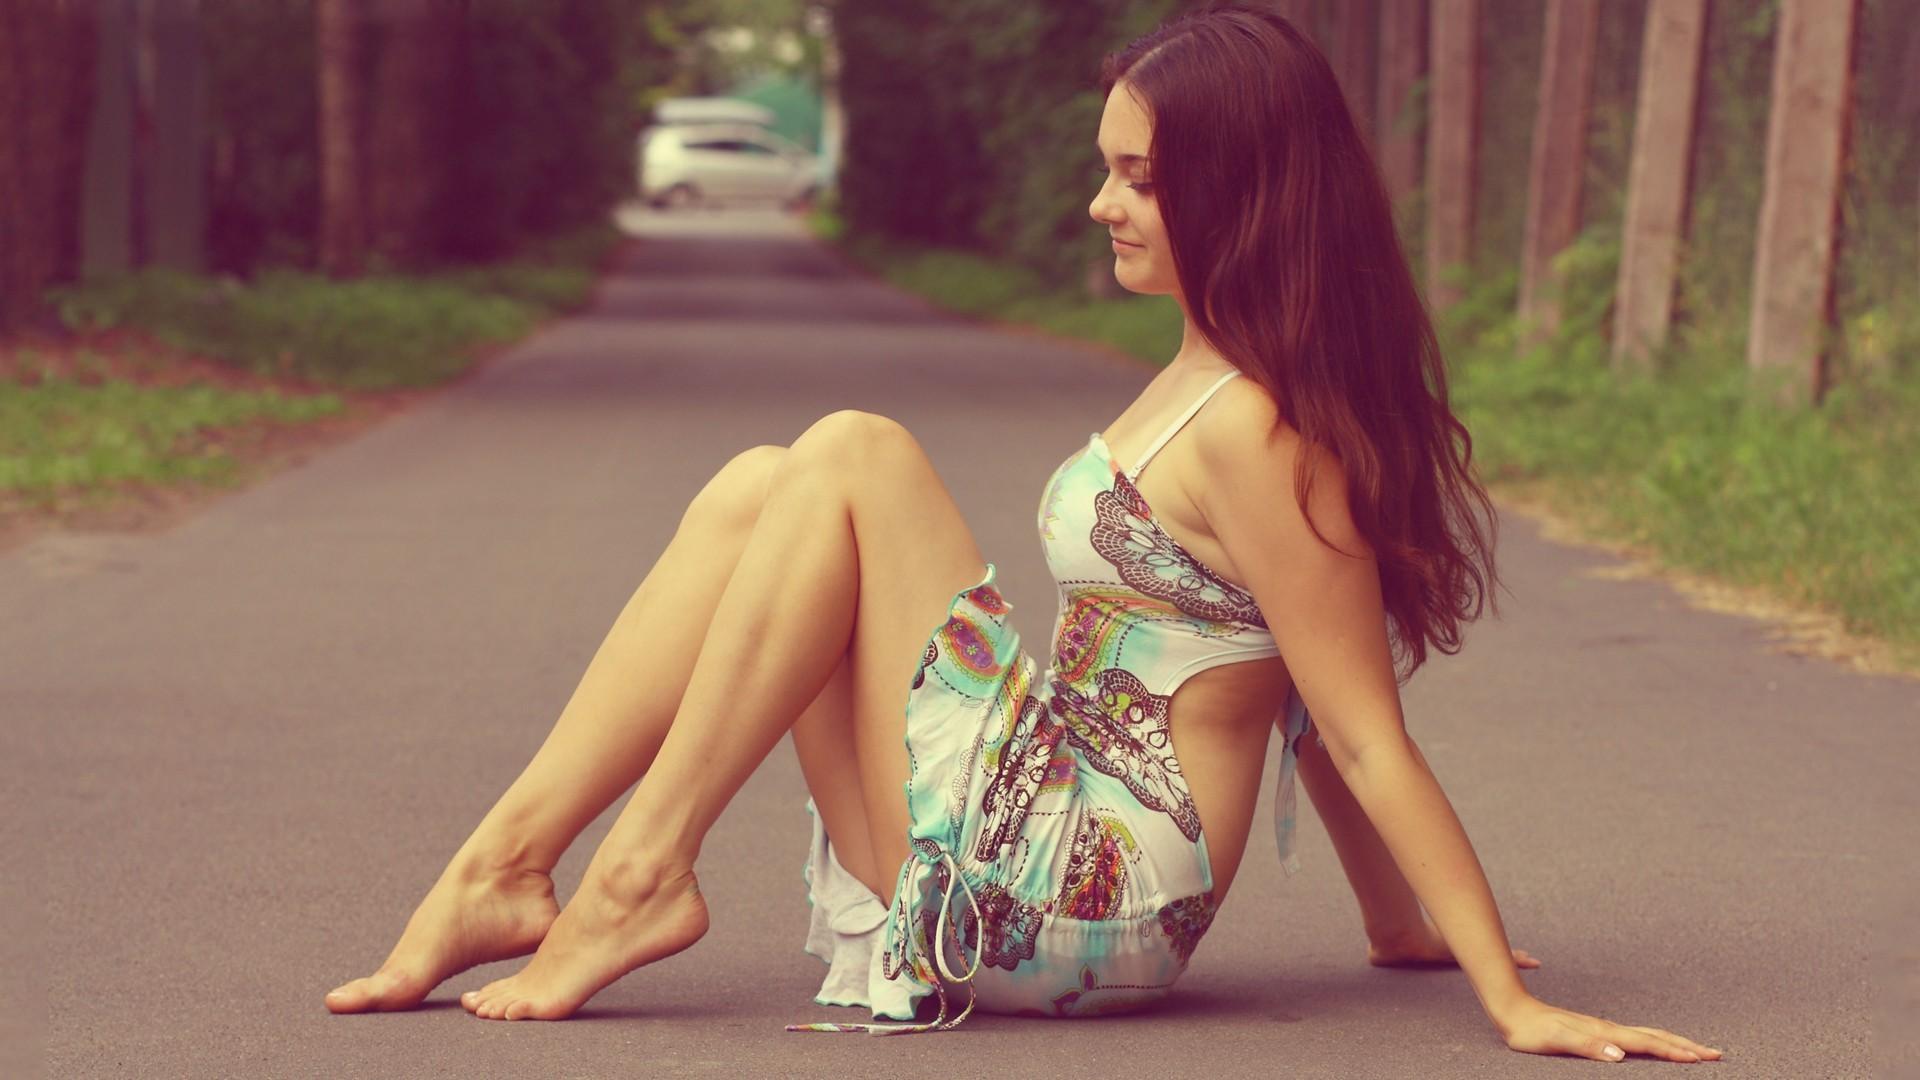 Что у девушек под платьем у сидящих девушек 22 фотография